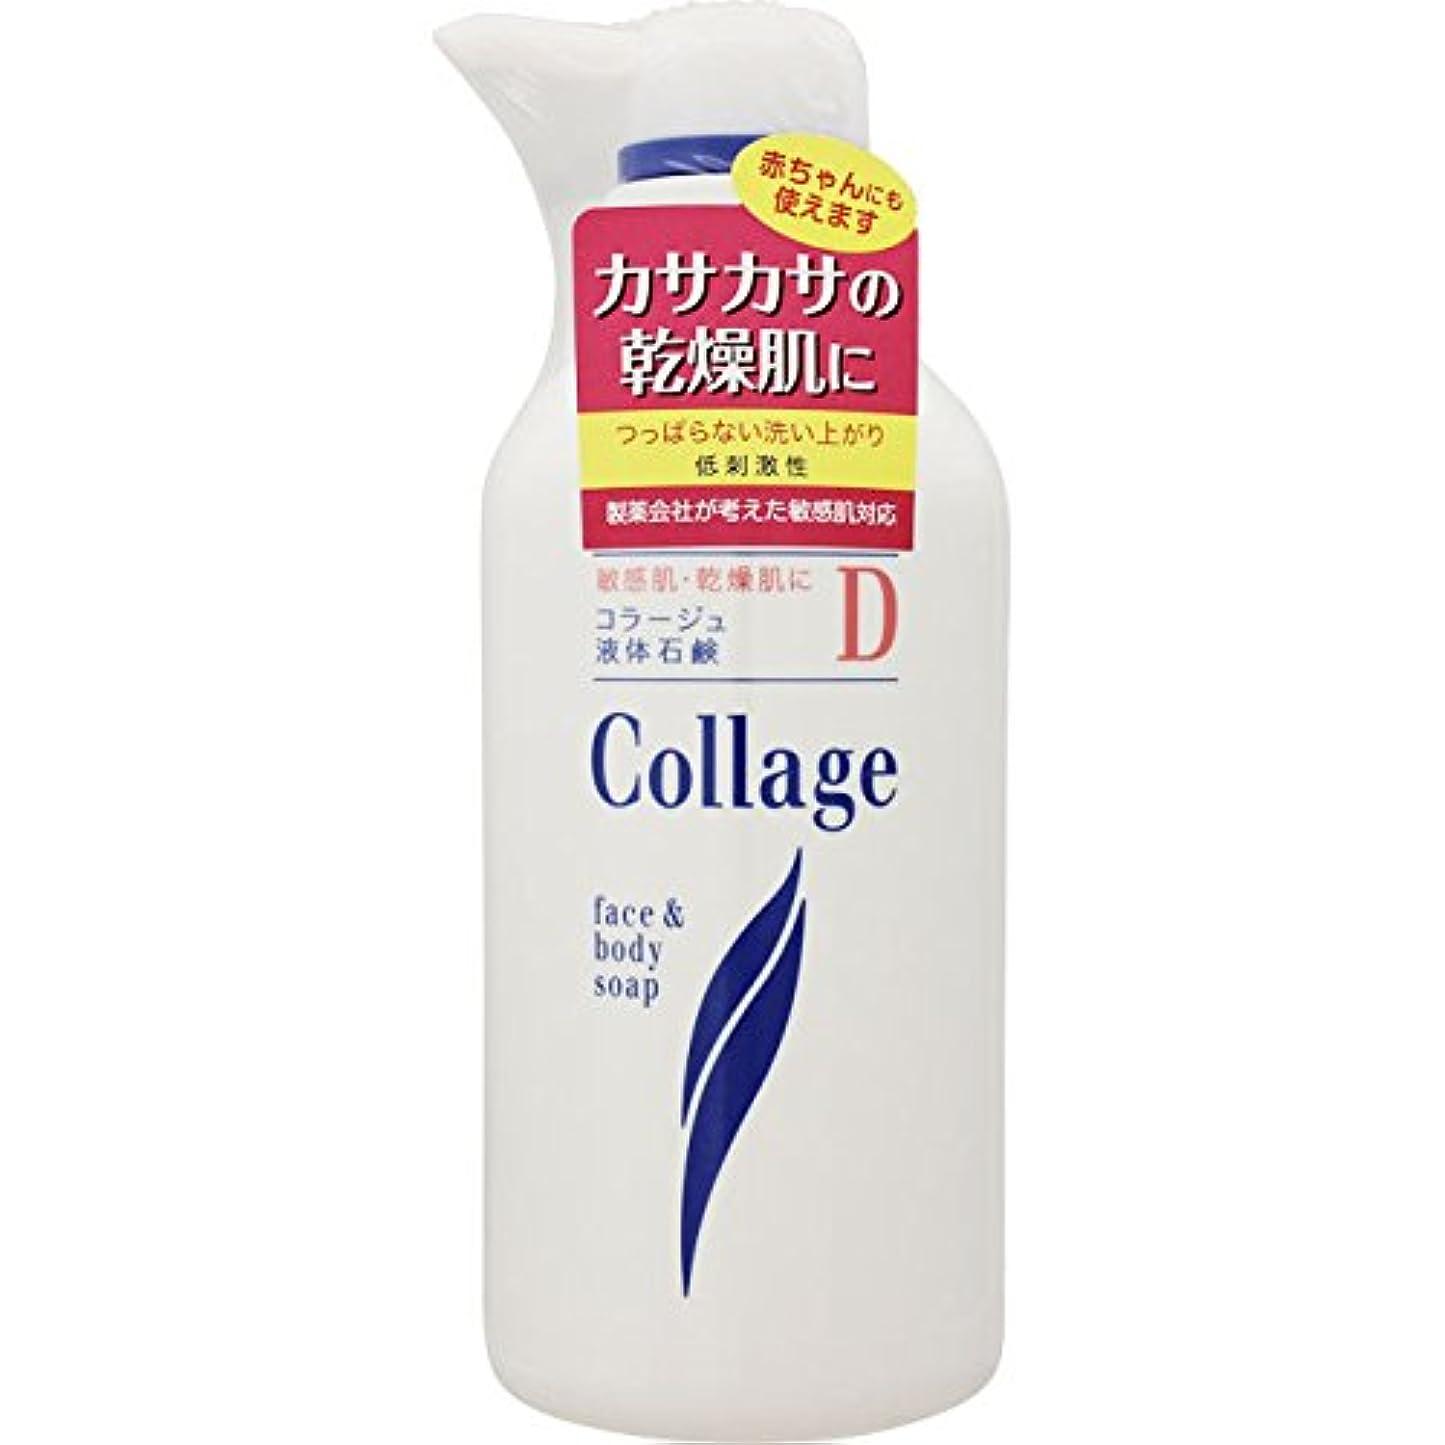 期限逮捕可塑性持田ヘルスケア コラージュD液体石鹸 400ml